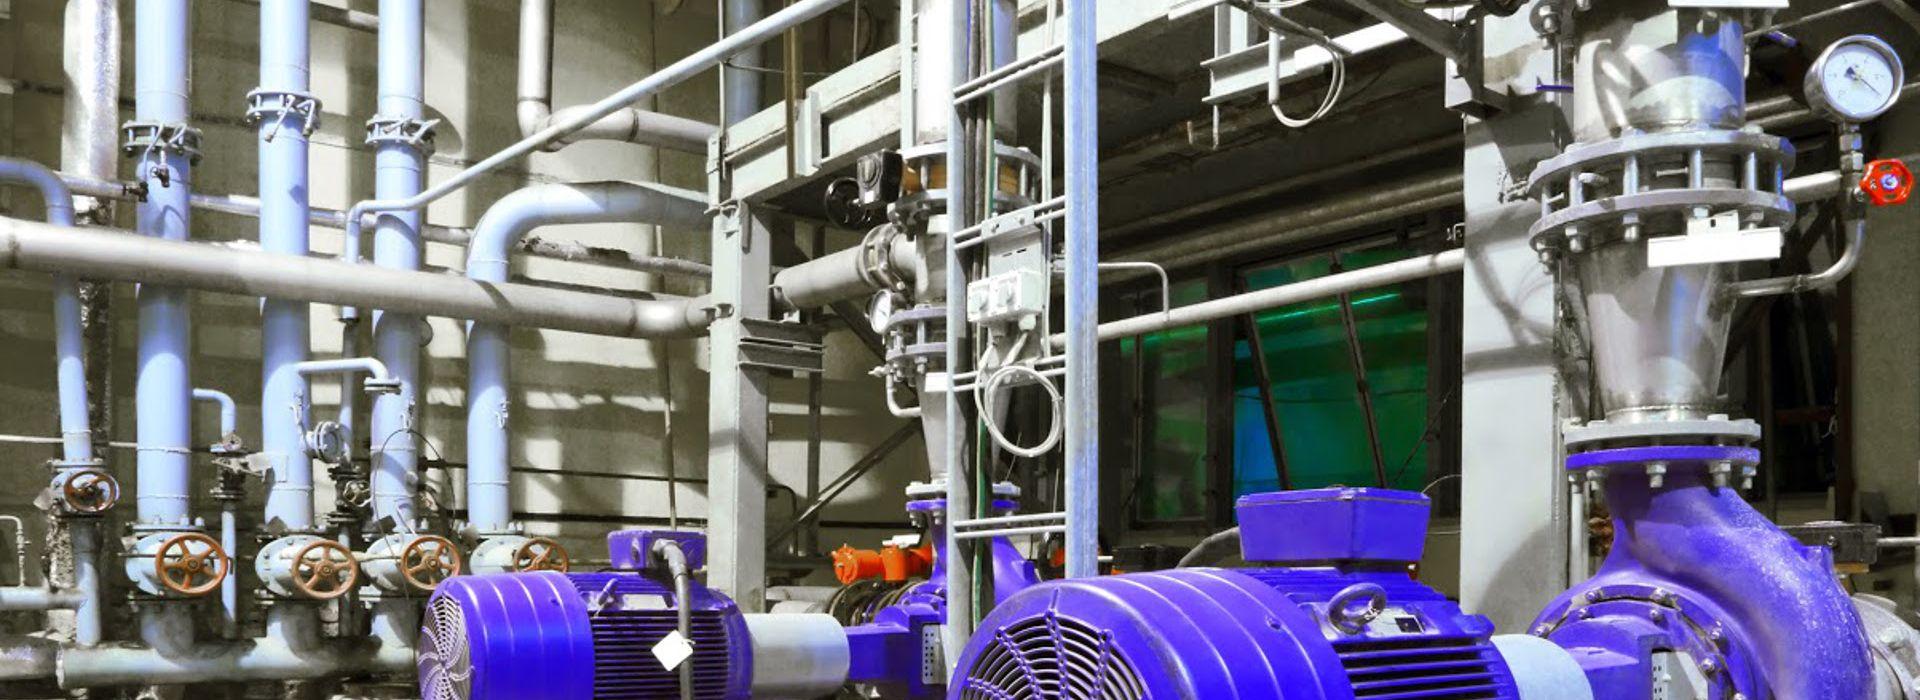 Progettazione-impianti-in-ambienti-industriali